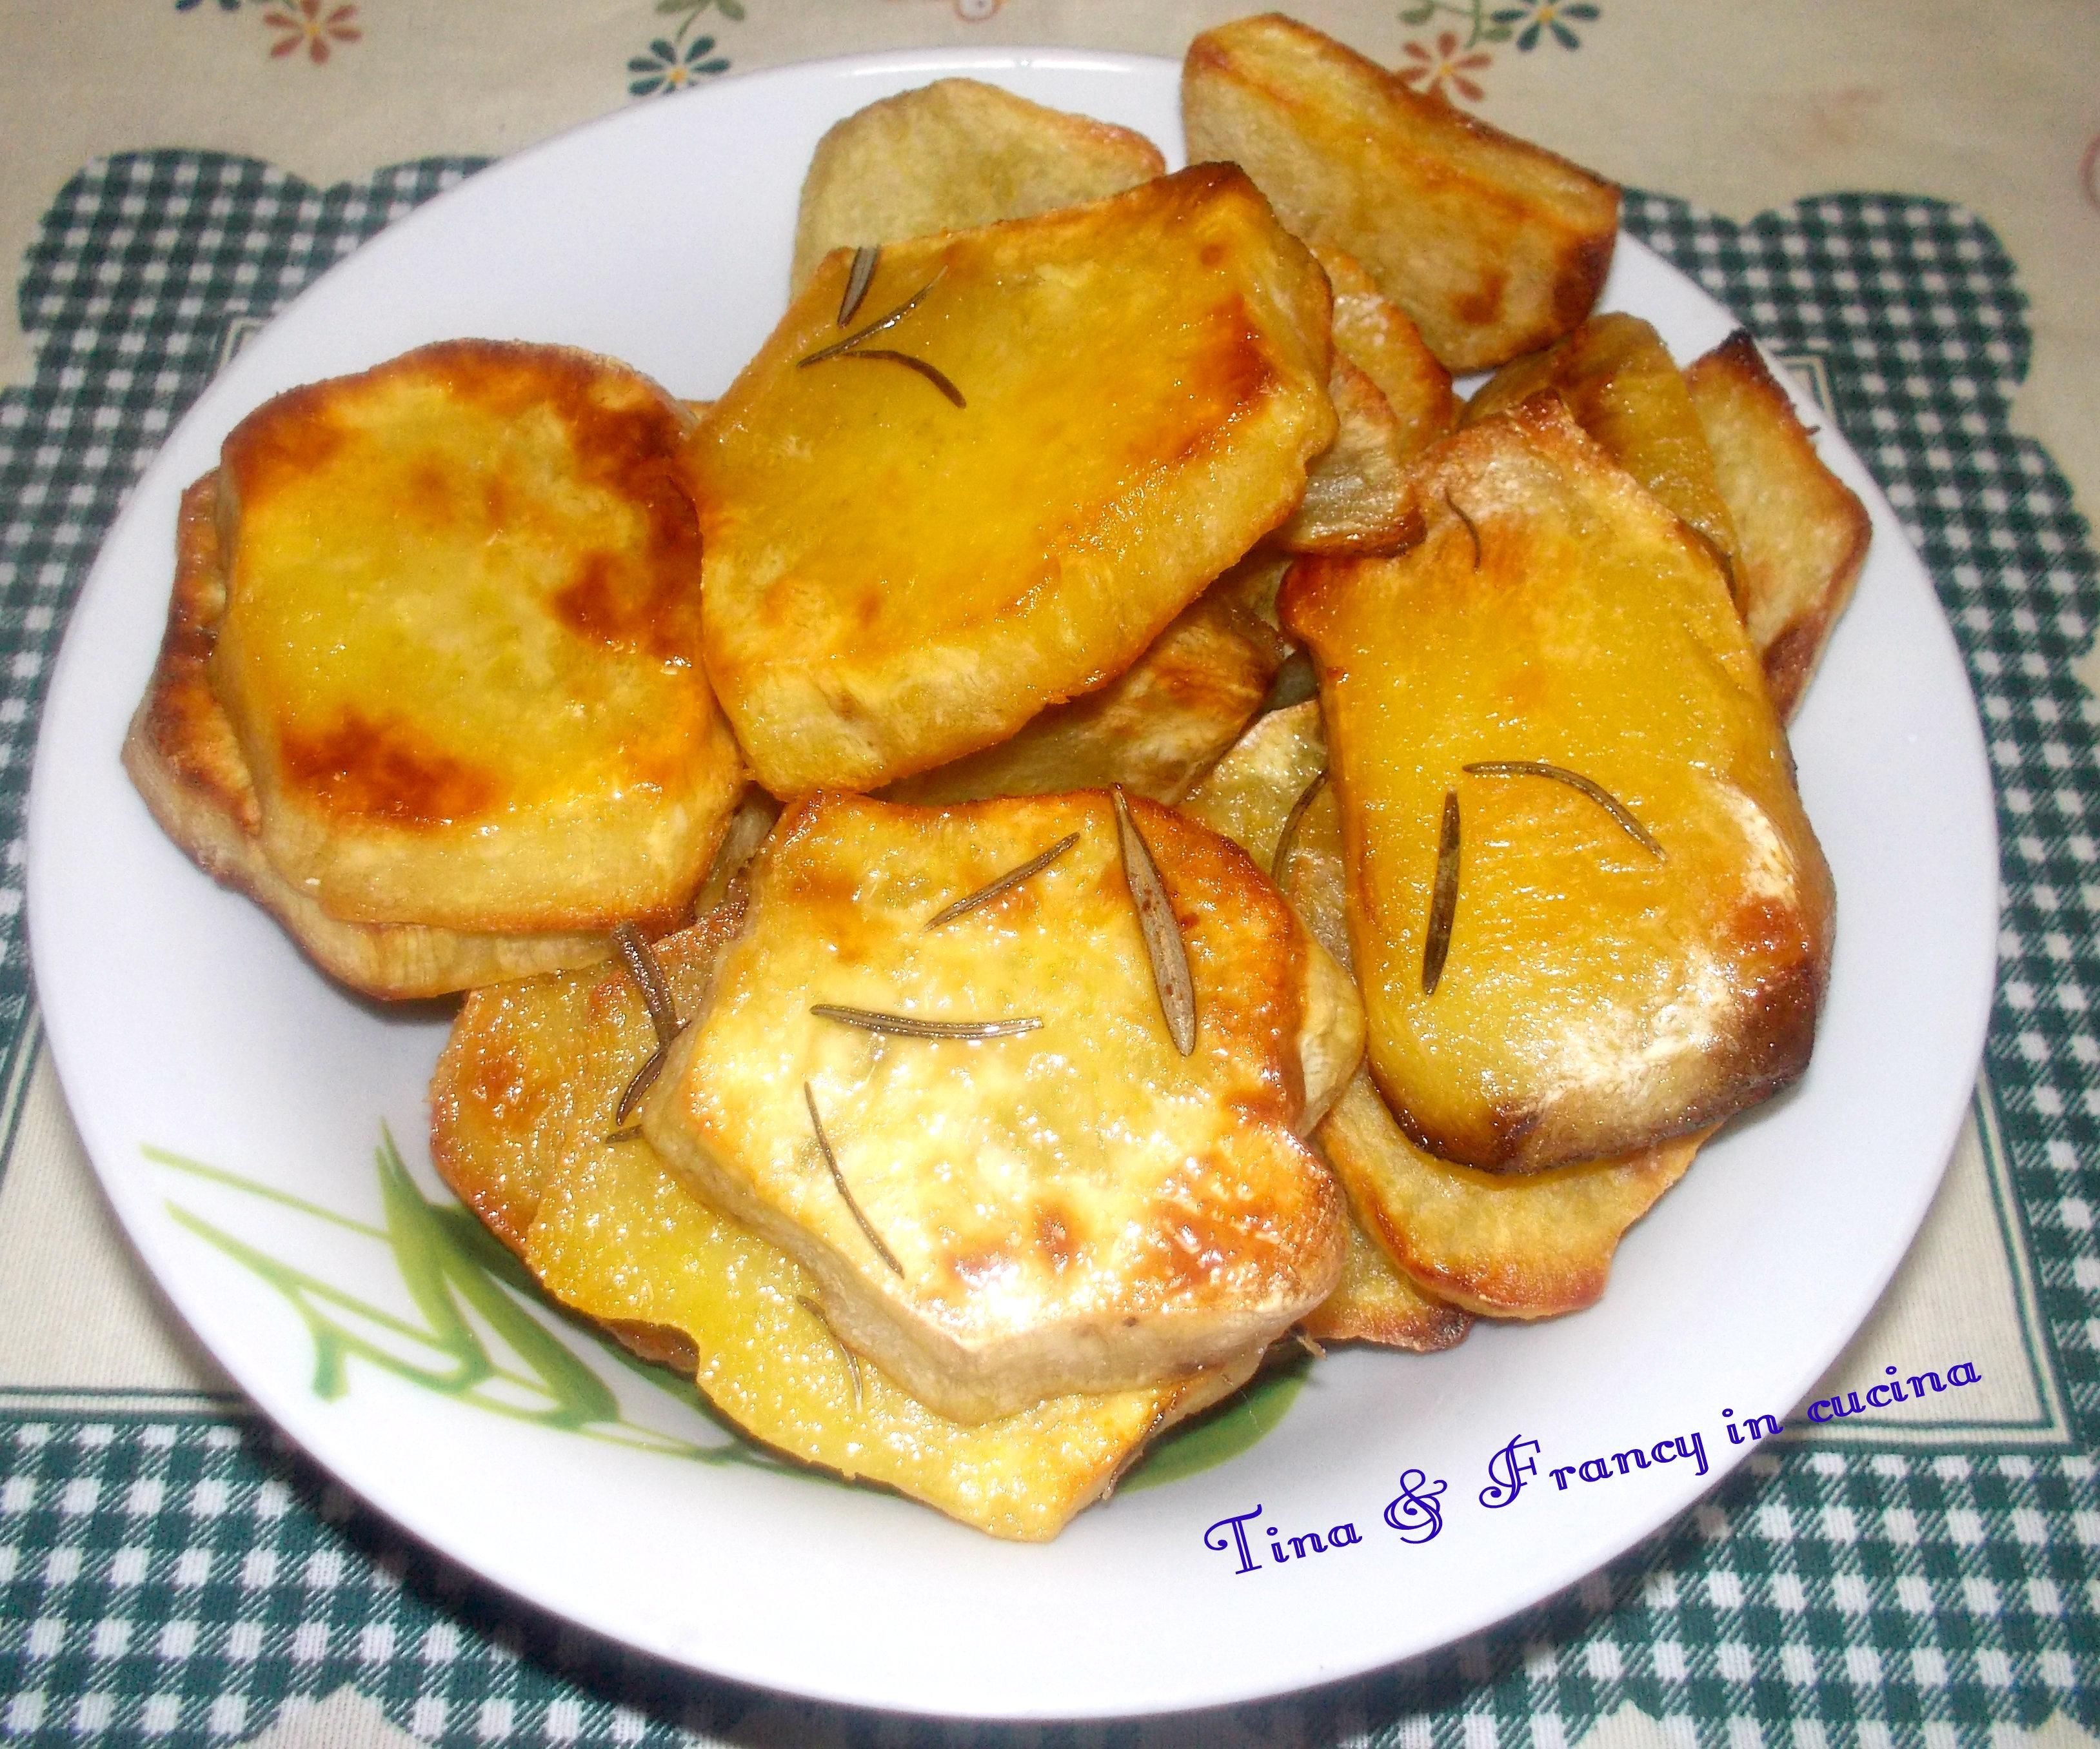 ricerca ricette con patate americane al forno